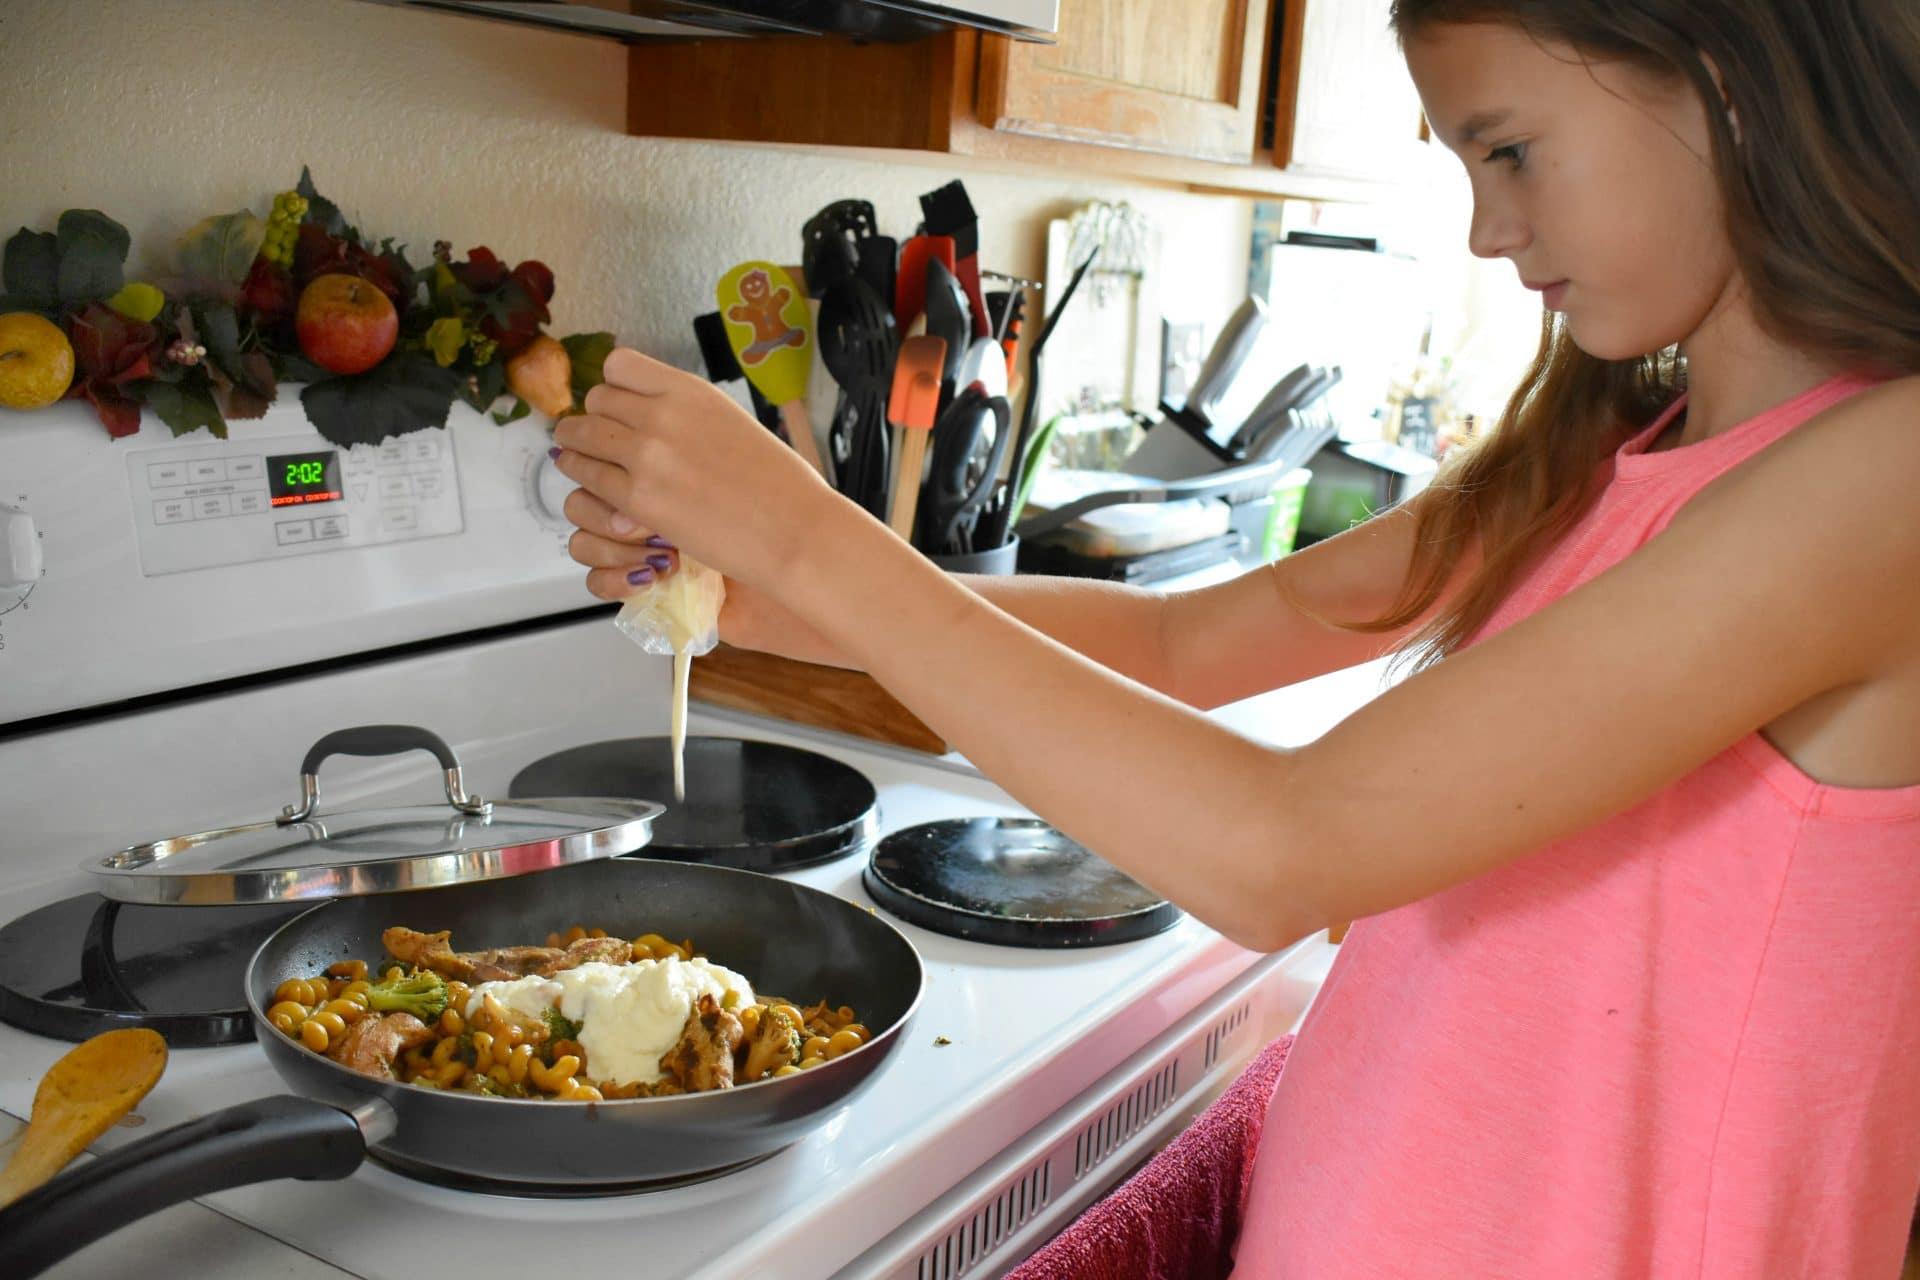 Preparing Tyson Frozen Dinner Kit - Four Cheese Chicken & Broccoli Pasta